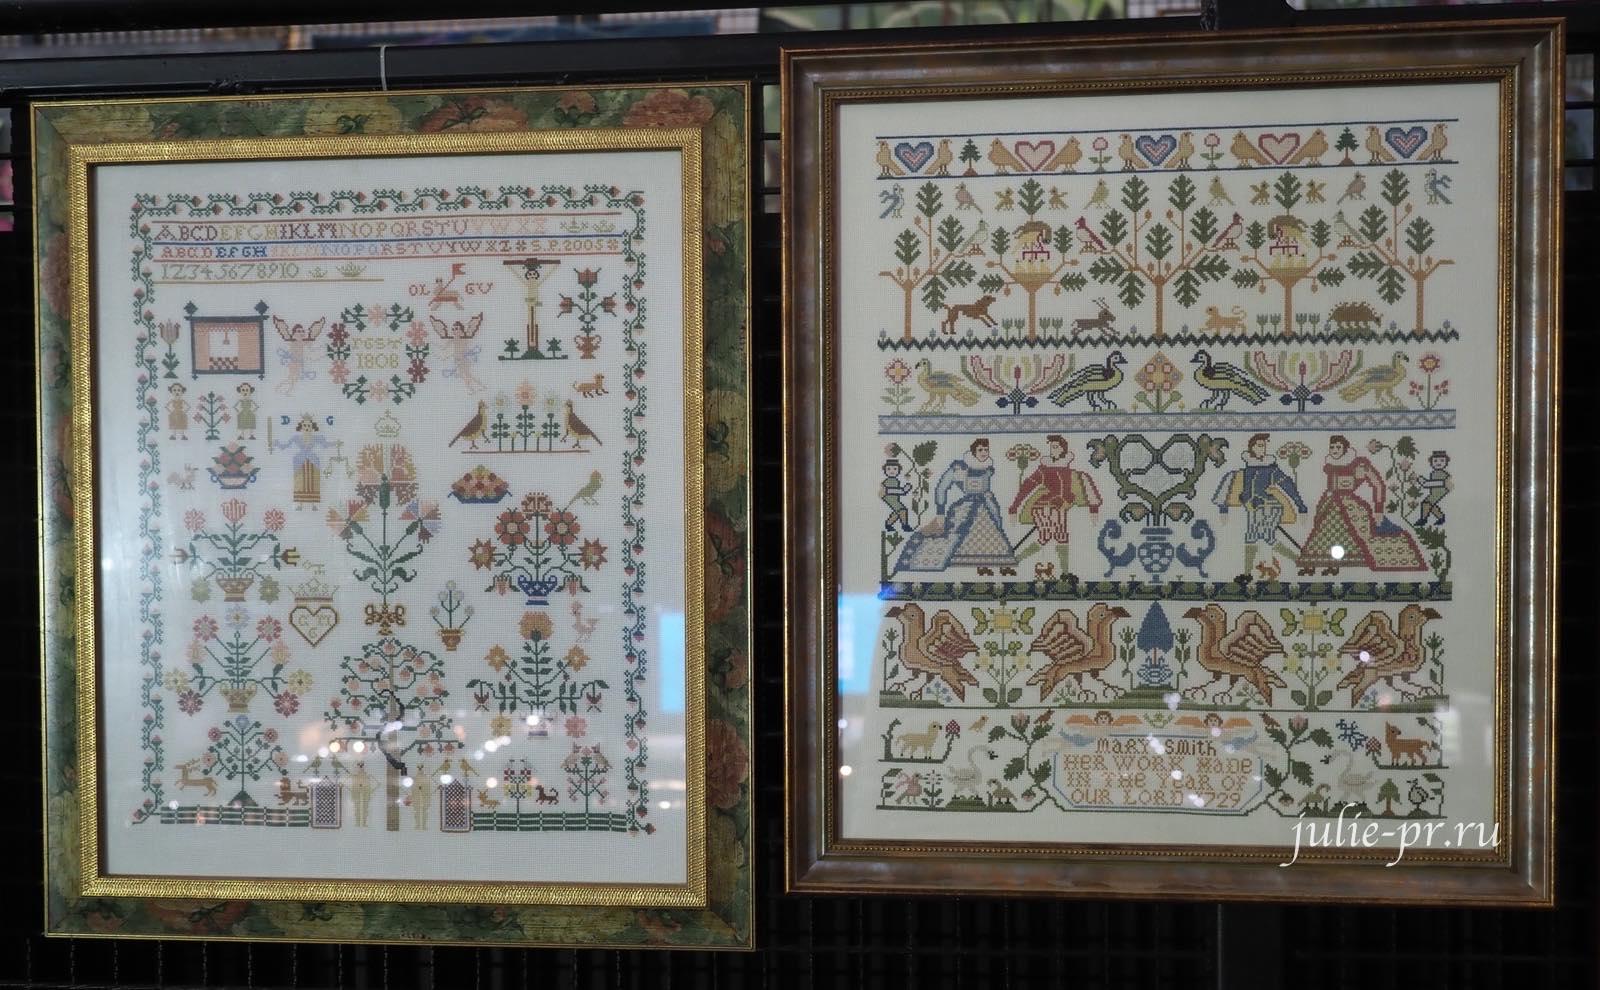 формула рукоделия осень 2021, выставка, вышивка крестом, старинные семплеры, Permin— Celle 1808